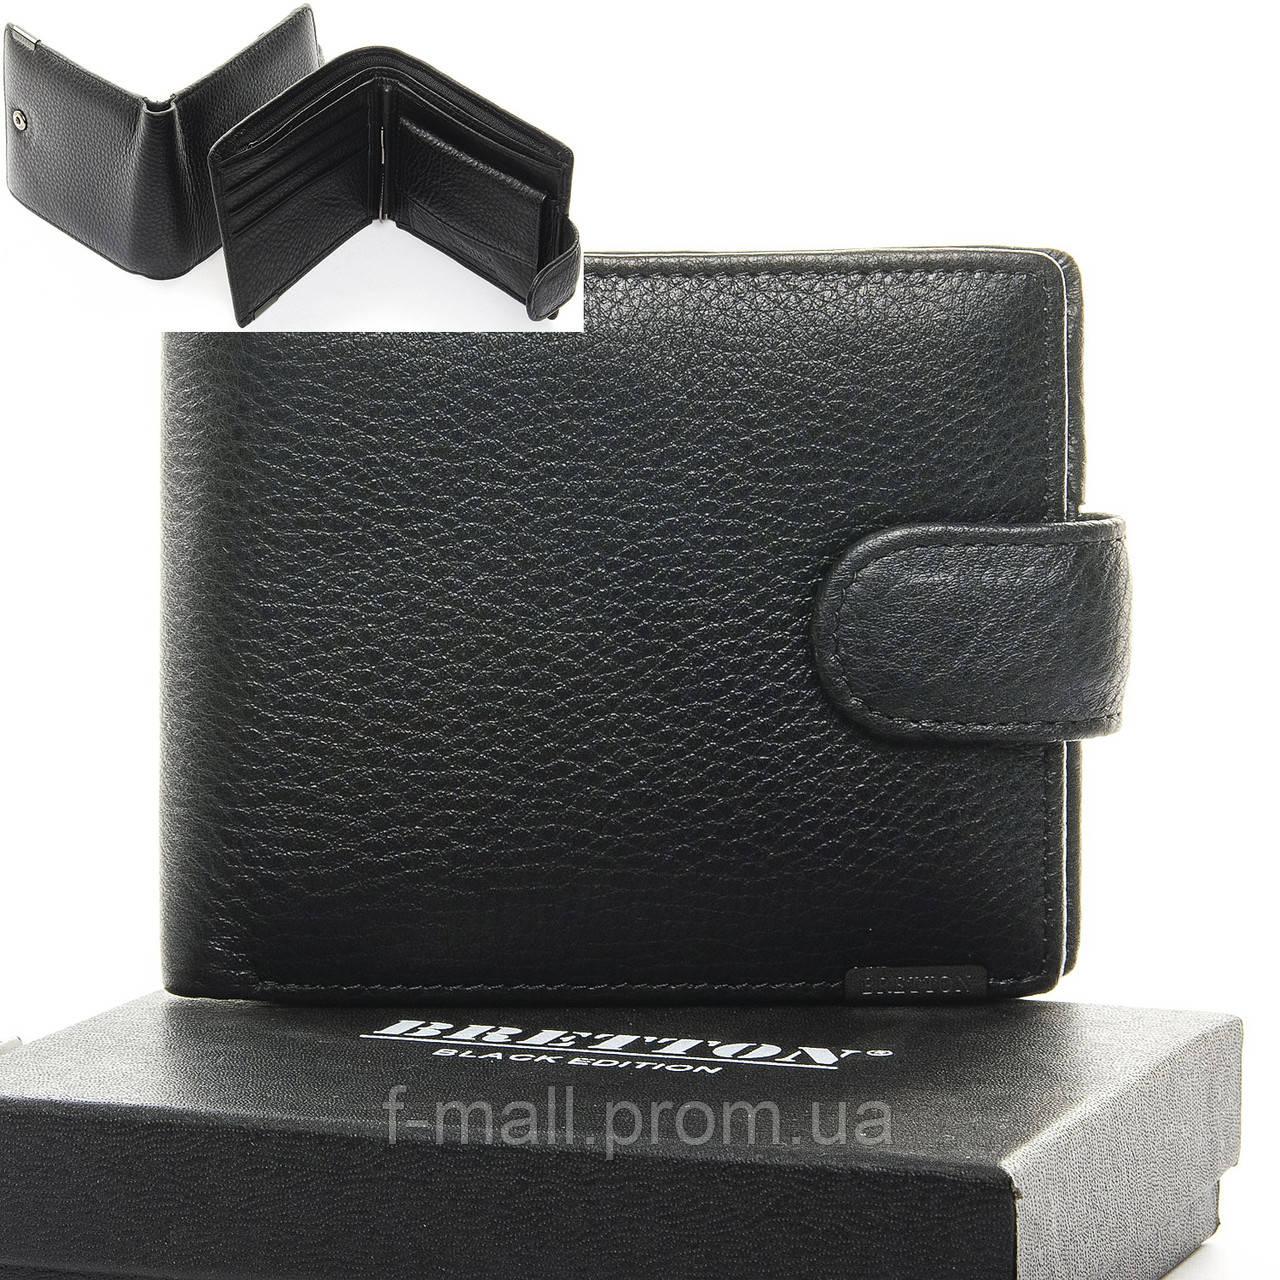 Кошелек мужской кожаный с зажимом BRETTON черный (05-112)